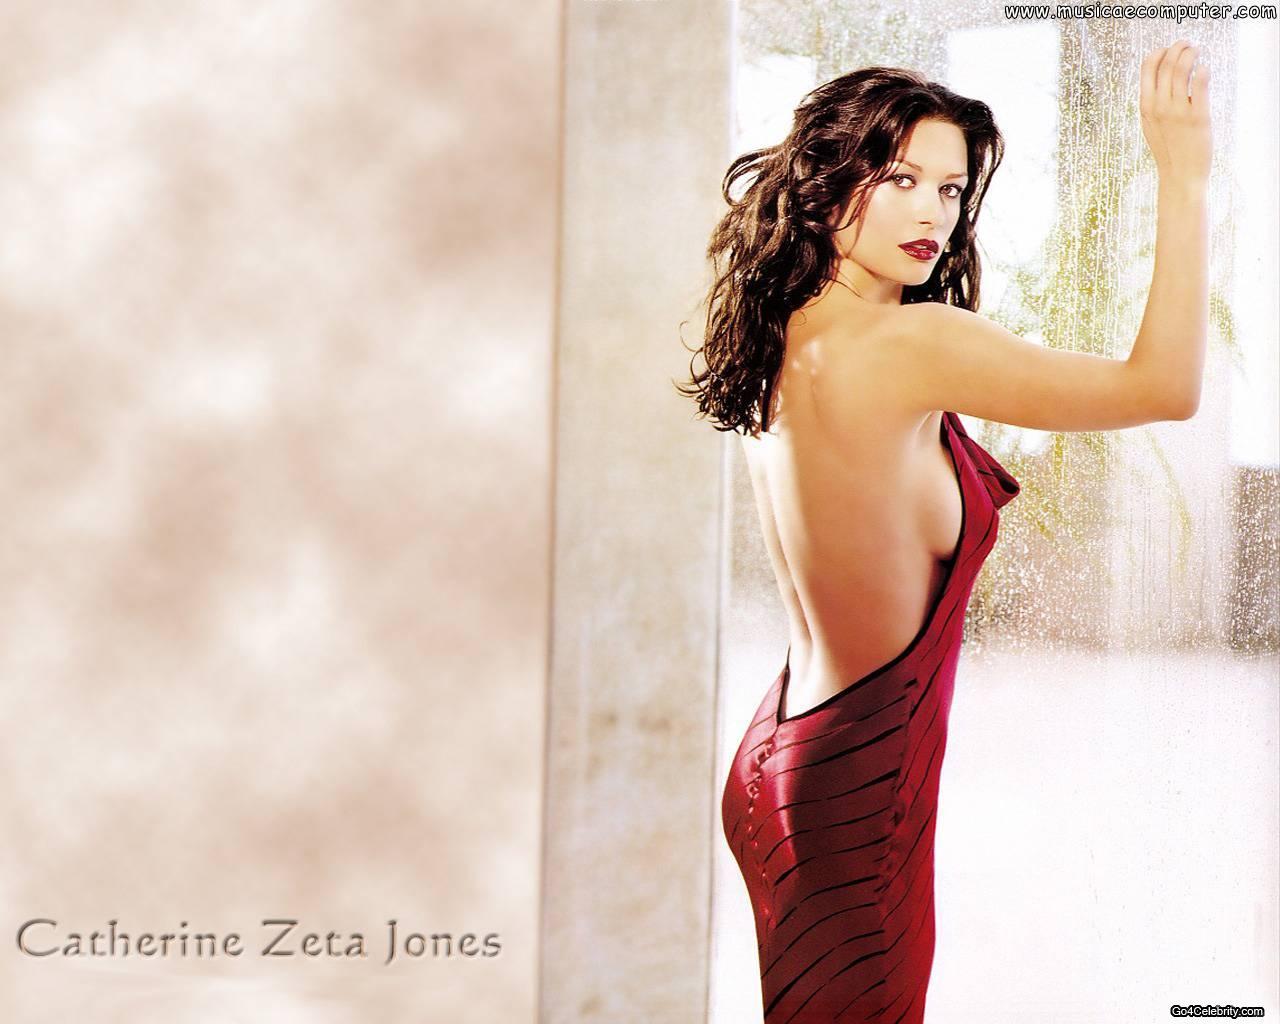 zeta jones sexy - photo #12